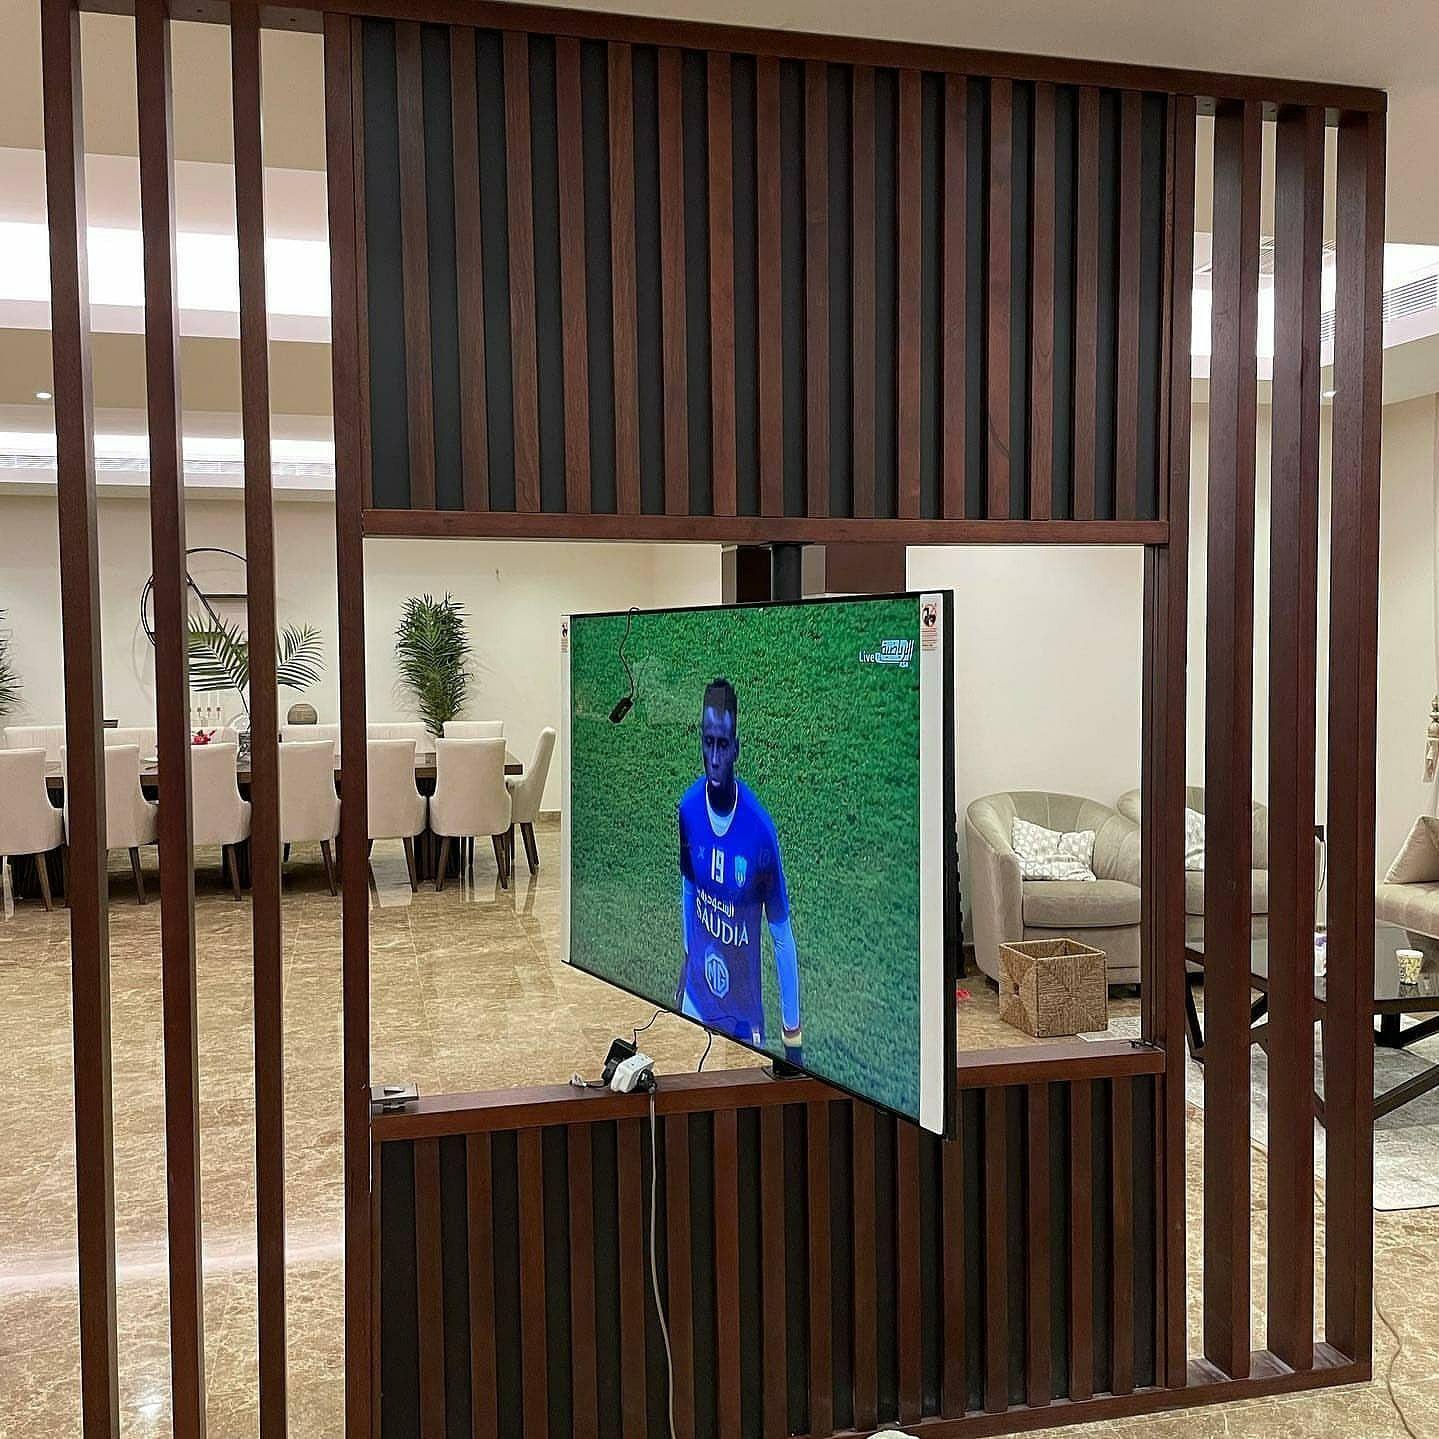 خلفية تلفزيون متحرك ديكور تلفزيون ديكور شاشه متحركه طلتواصل الرياض 0535711713 Home Home Decor Decor